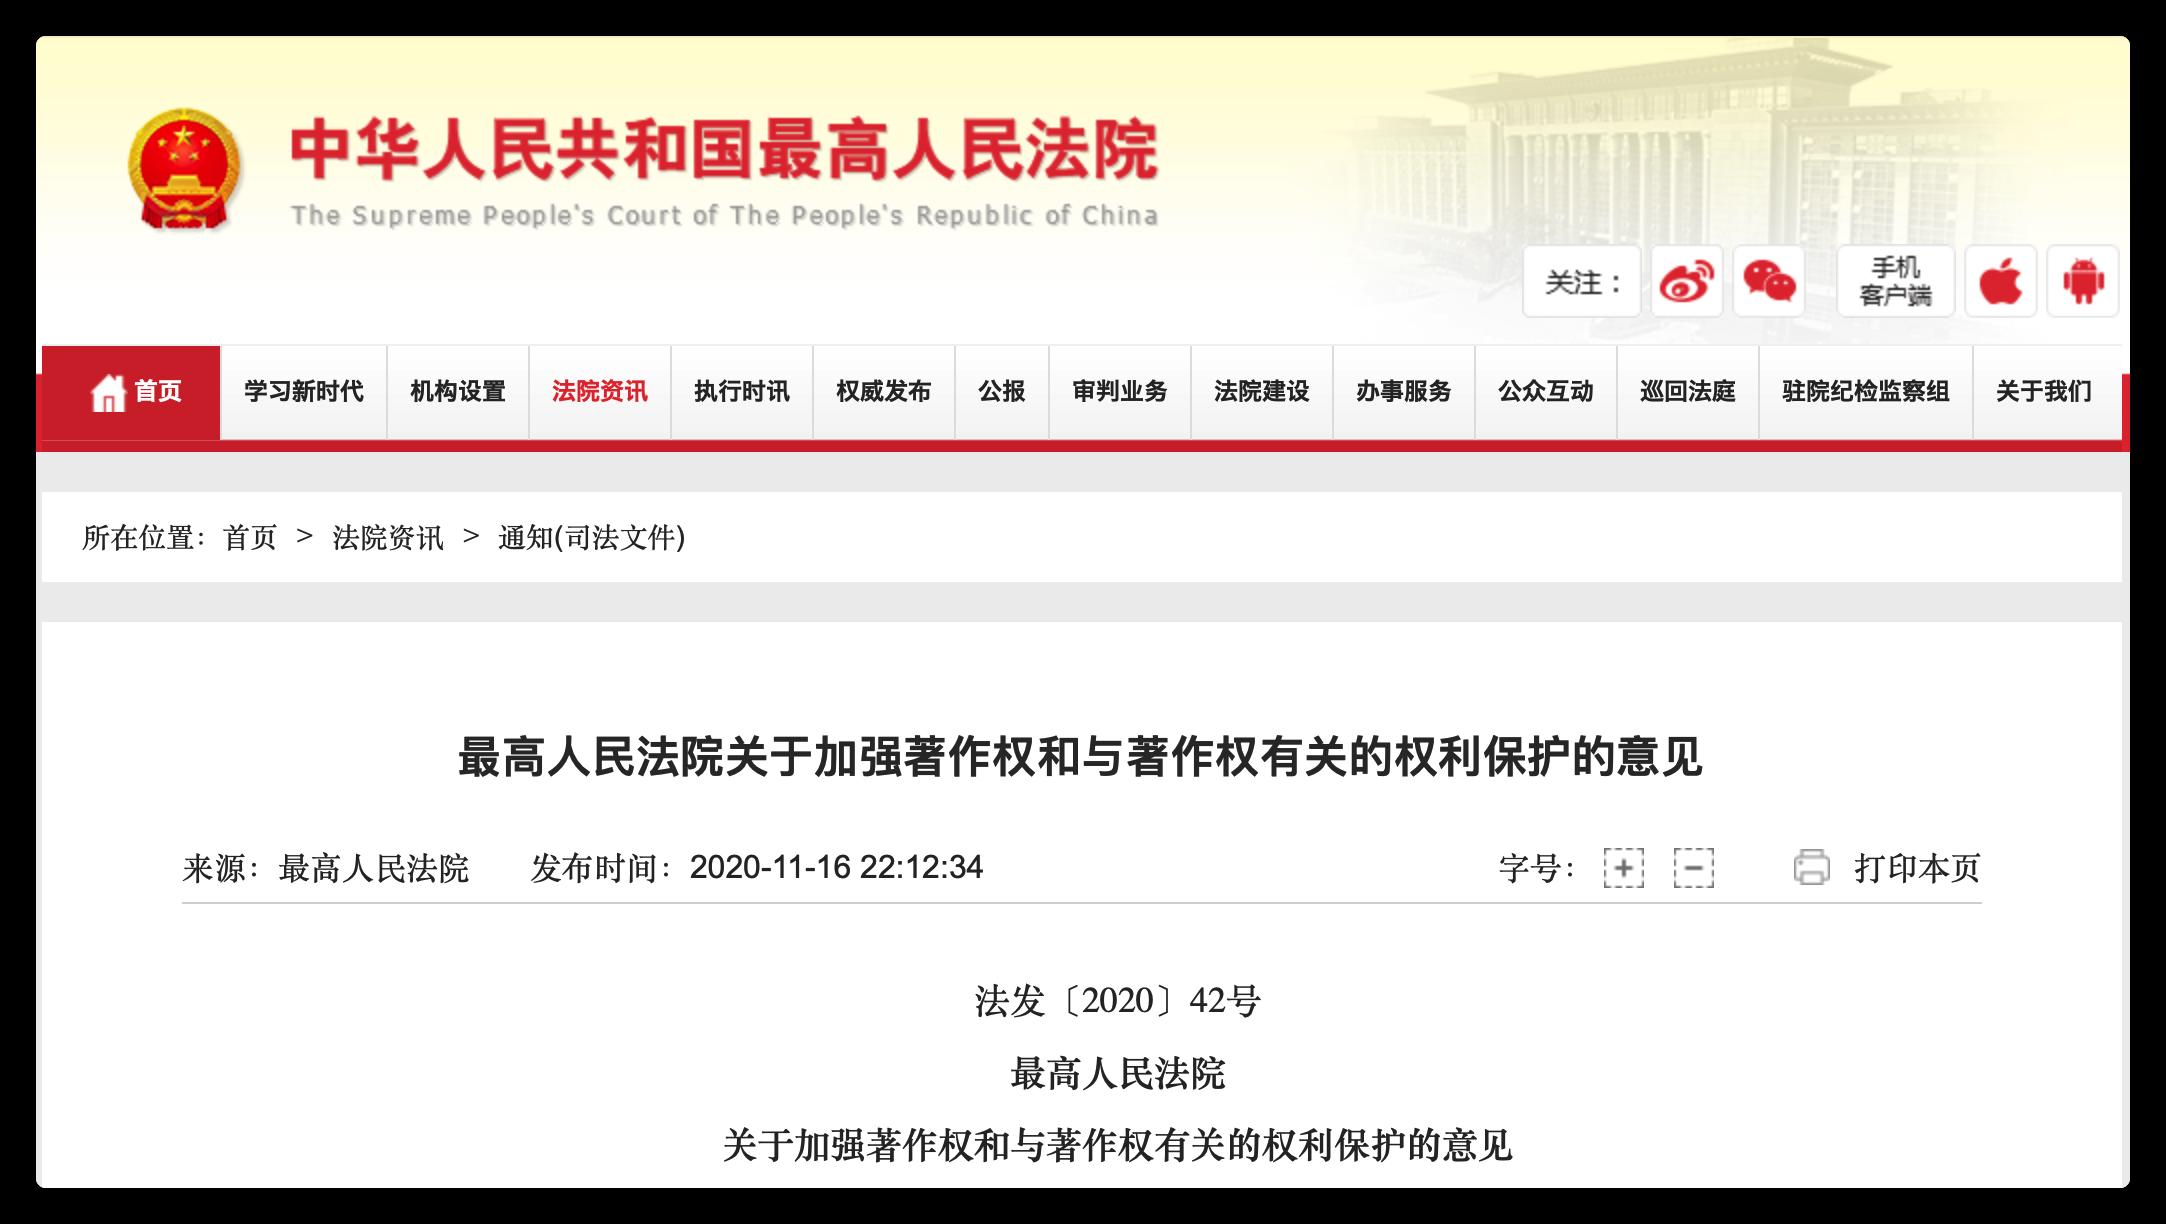 最高人民法院关于加强著作权和与著作权有关的权利保护的意见